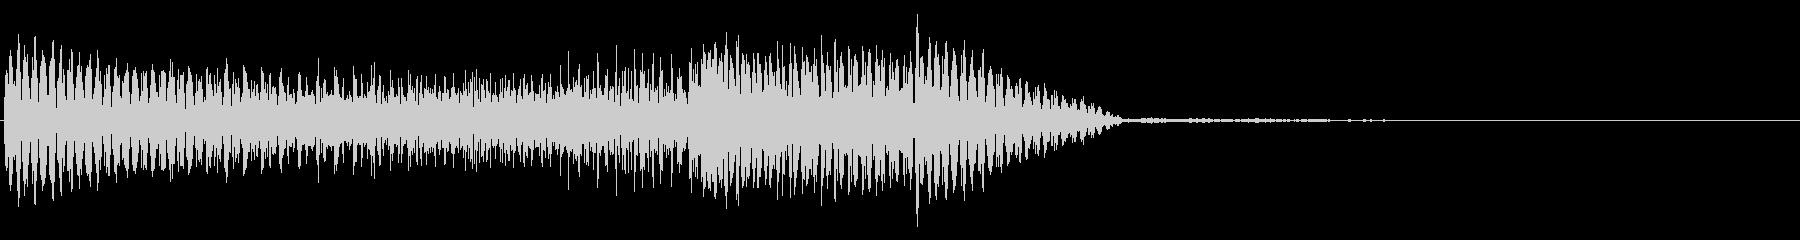 シンセコードスライドアクセント2の未再生の波形